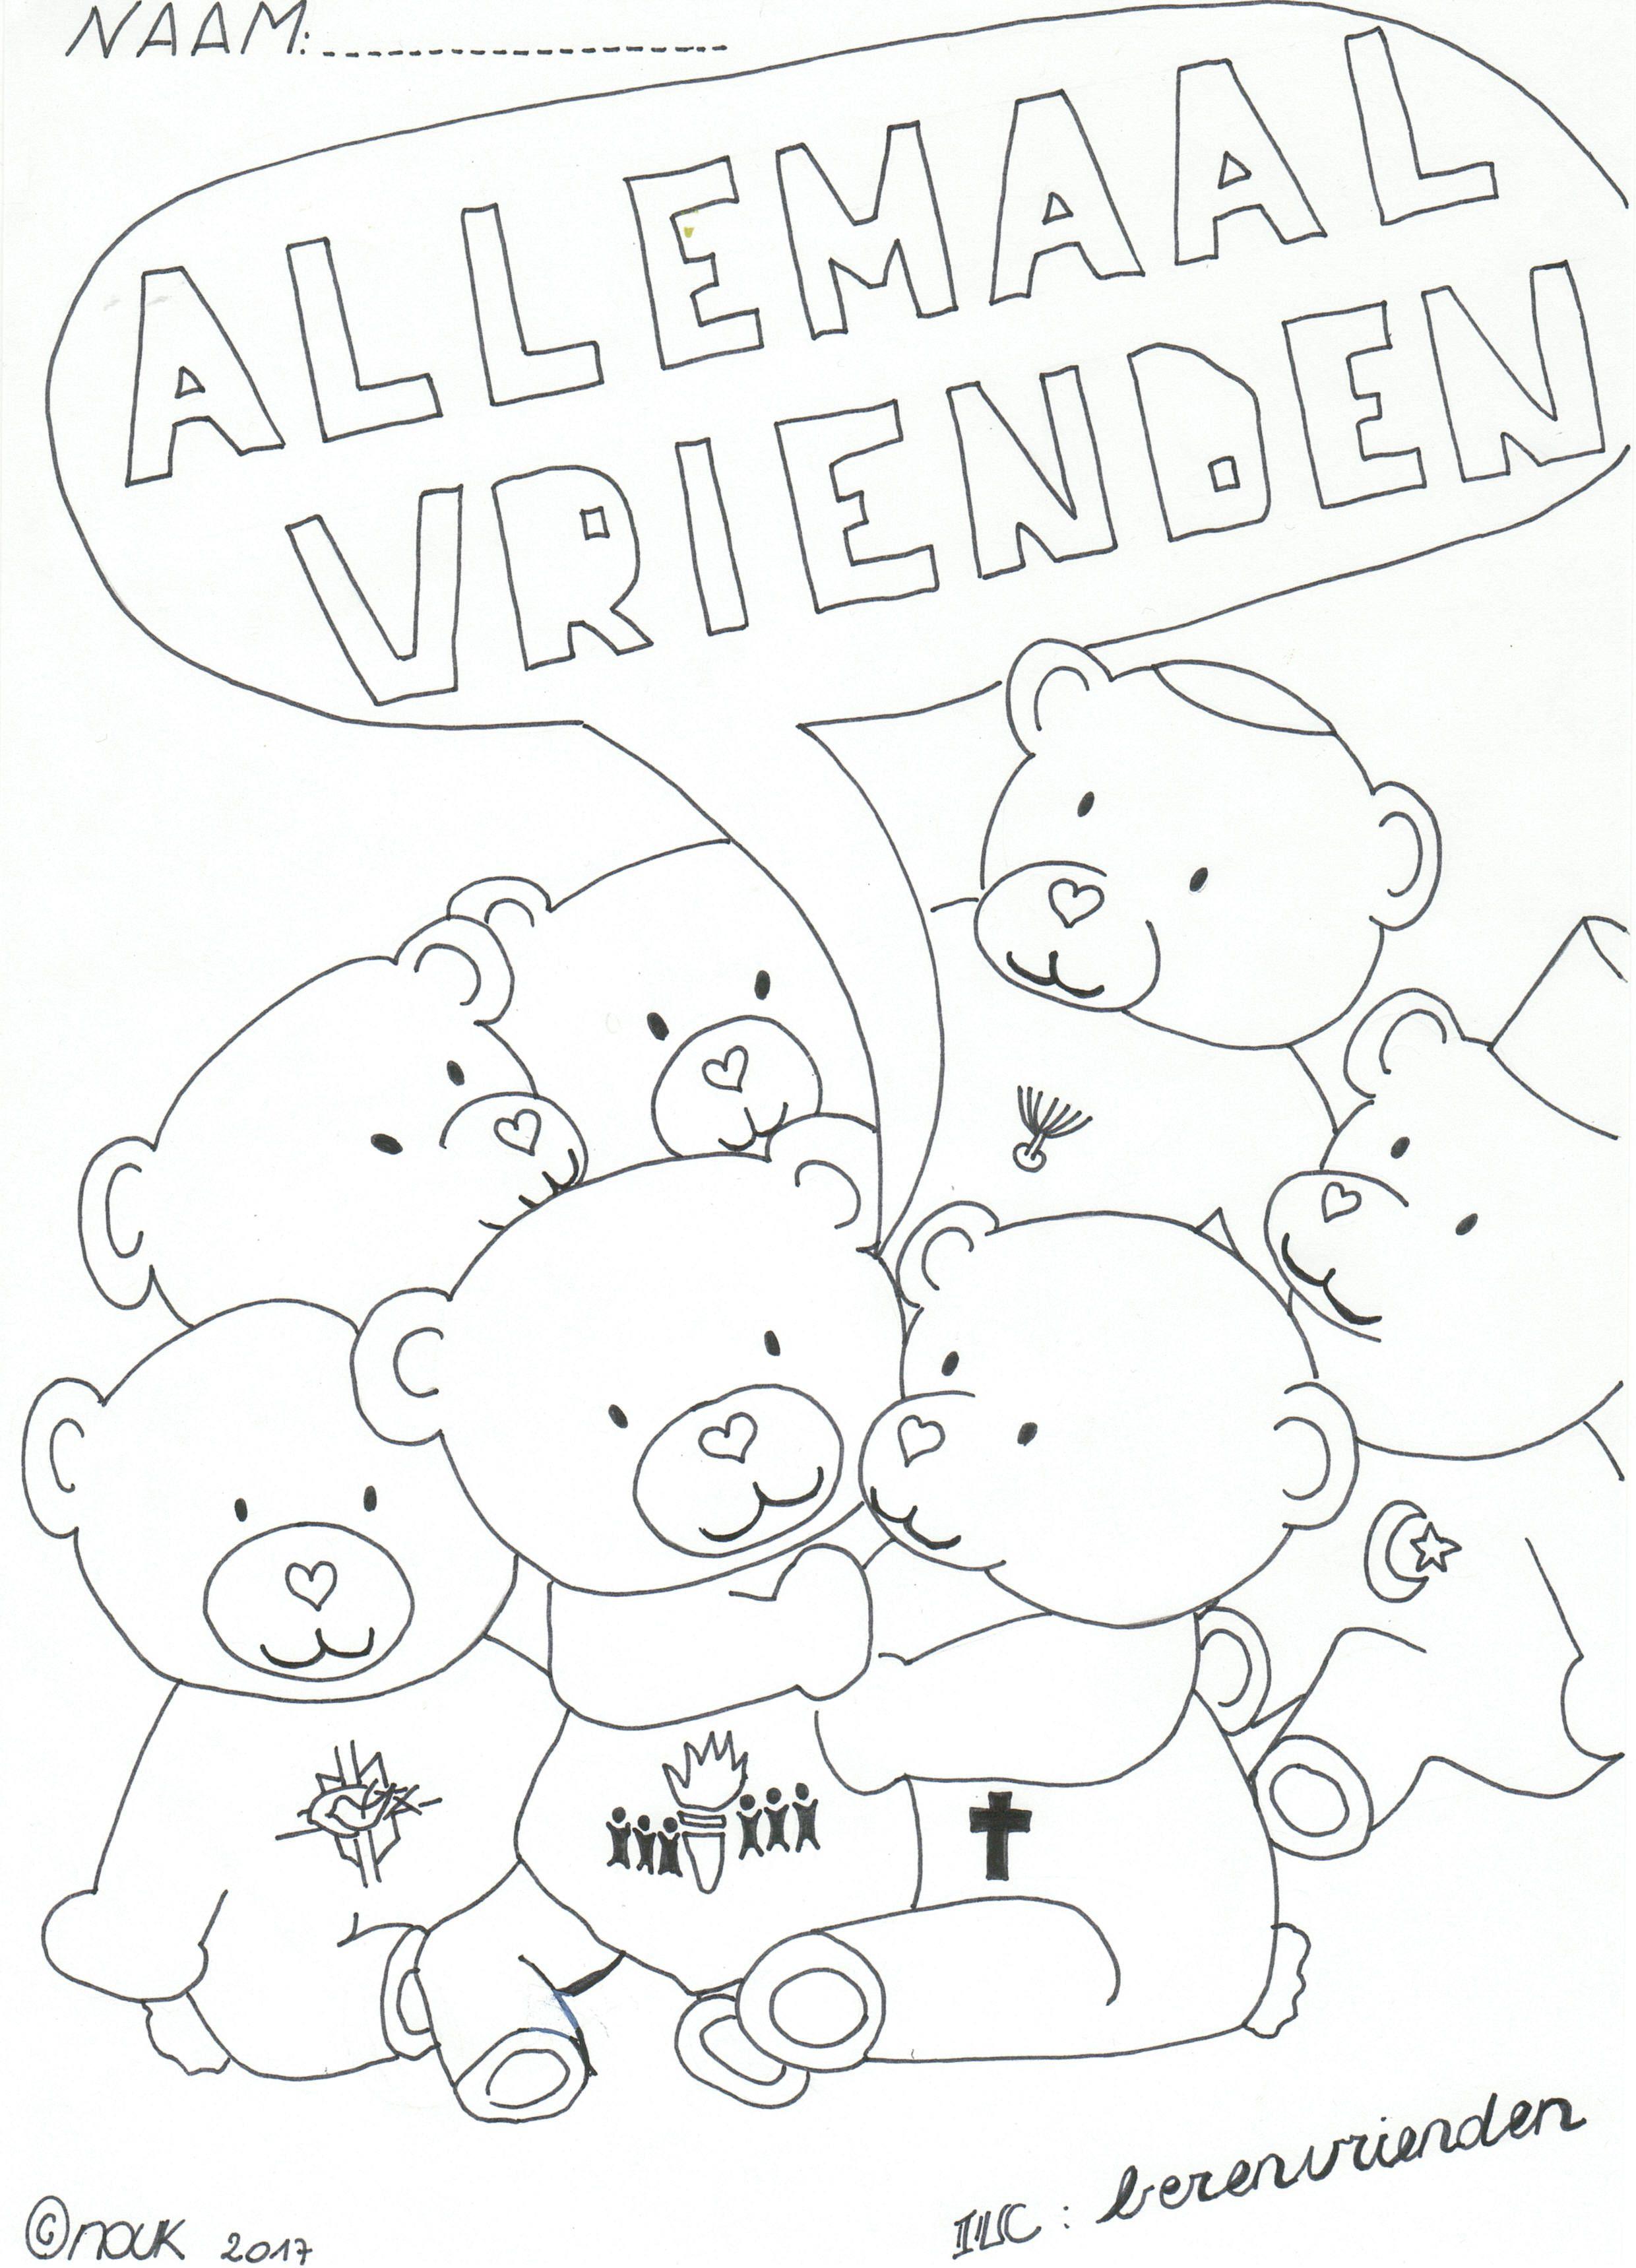 Pin Van Anouk Leys Op Zedenleer Kleurplaten Gezondheid En Fitness Kleurplaten